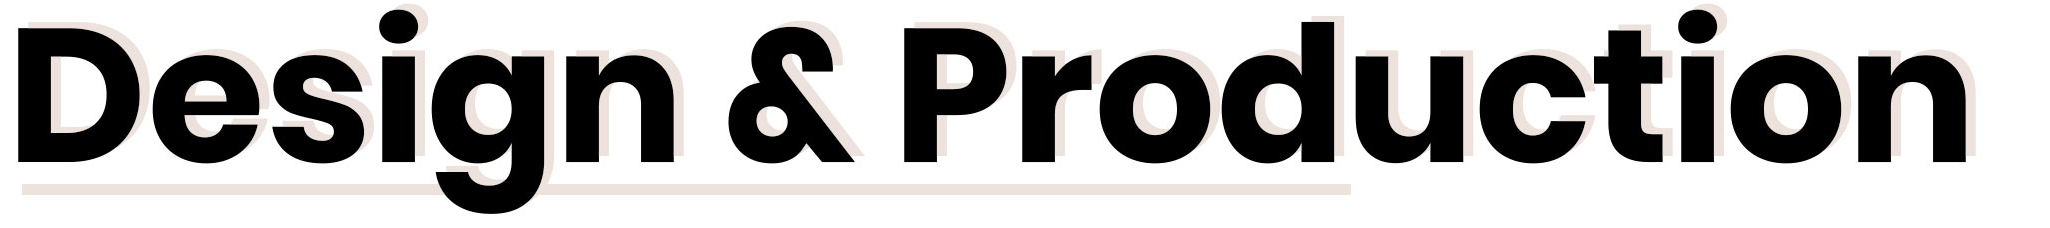 design&productio.jpg